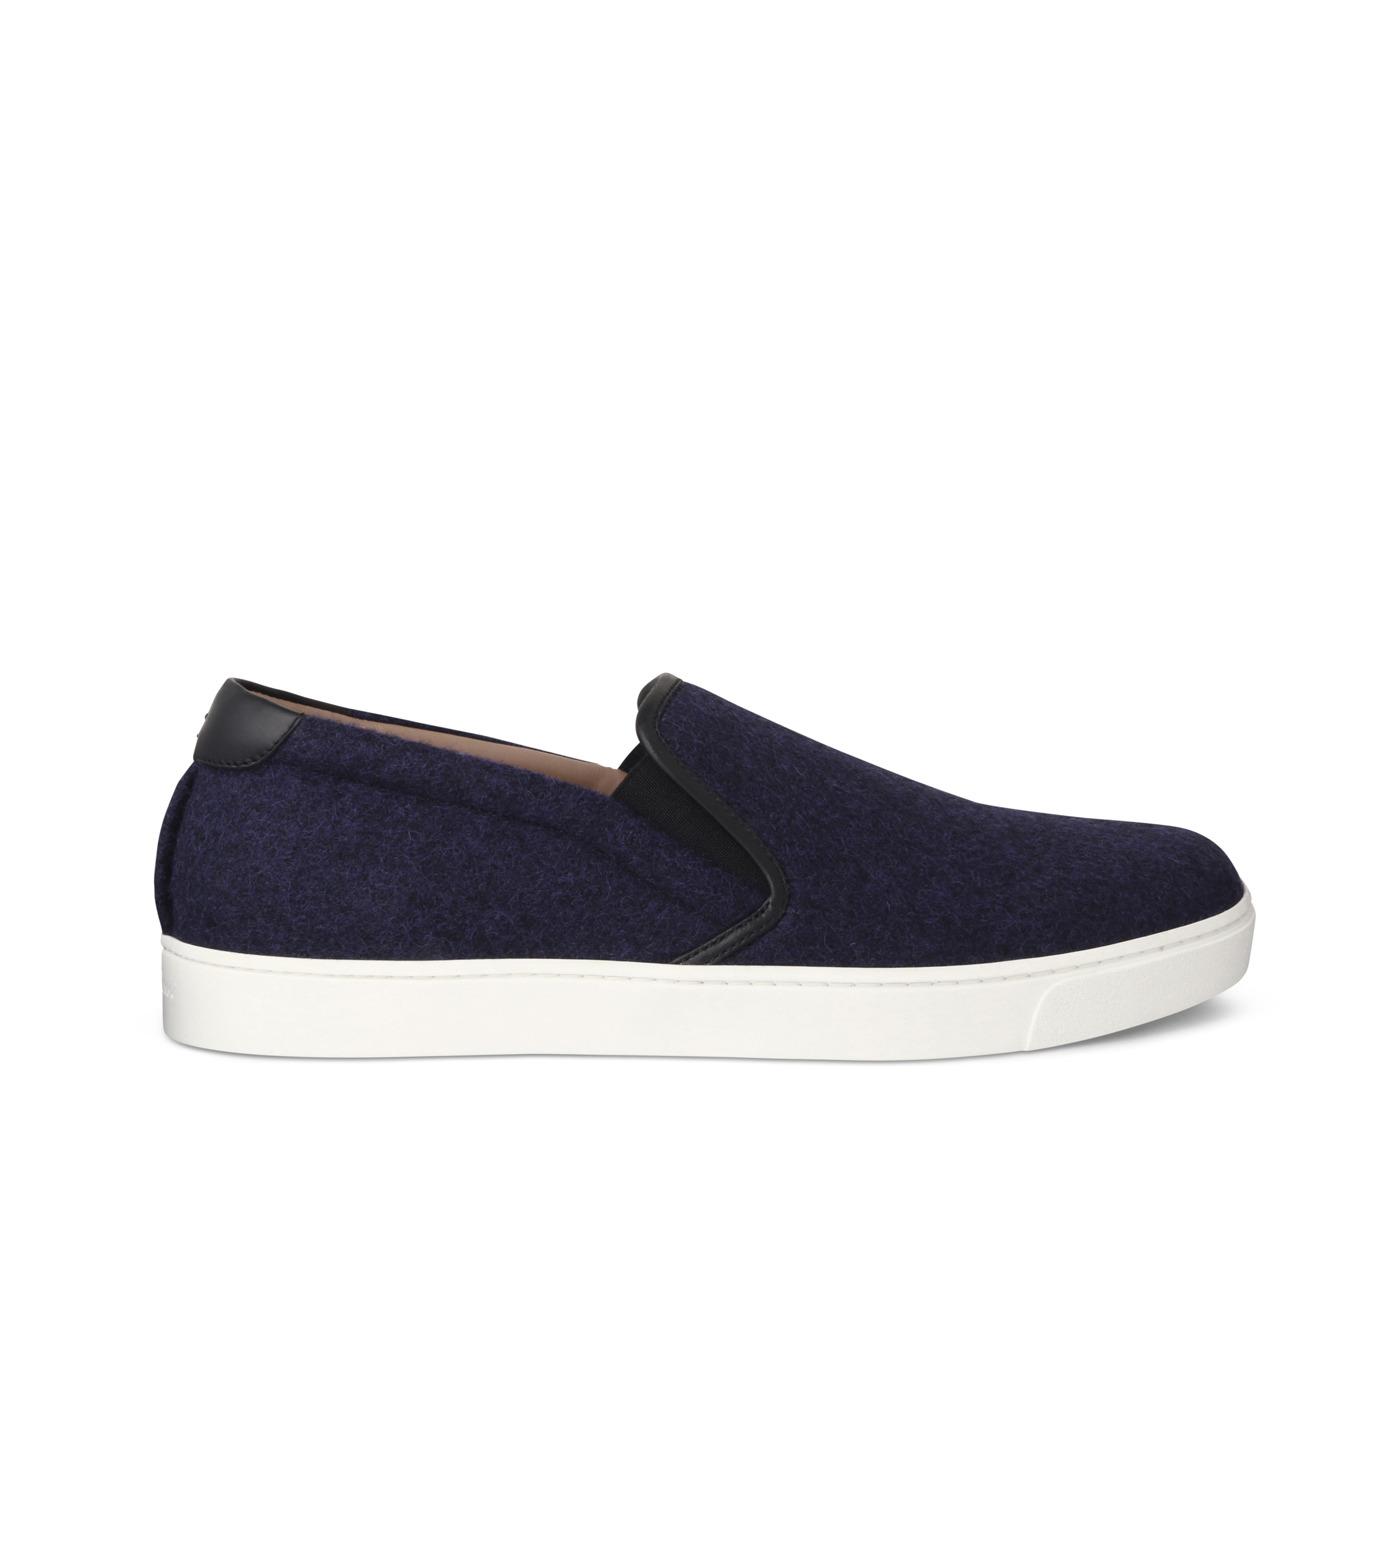 Gianvito Rossi(ジャンヴィト ロッシ)のSlippon Sneaker-BLUE(スニーカー/sneaker)-S20261-M-FEC-92 拡大詳細画像1